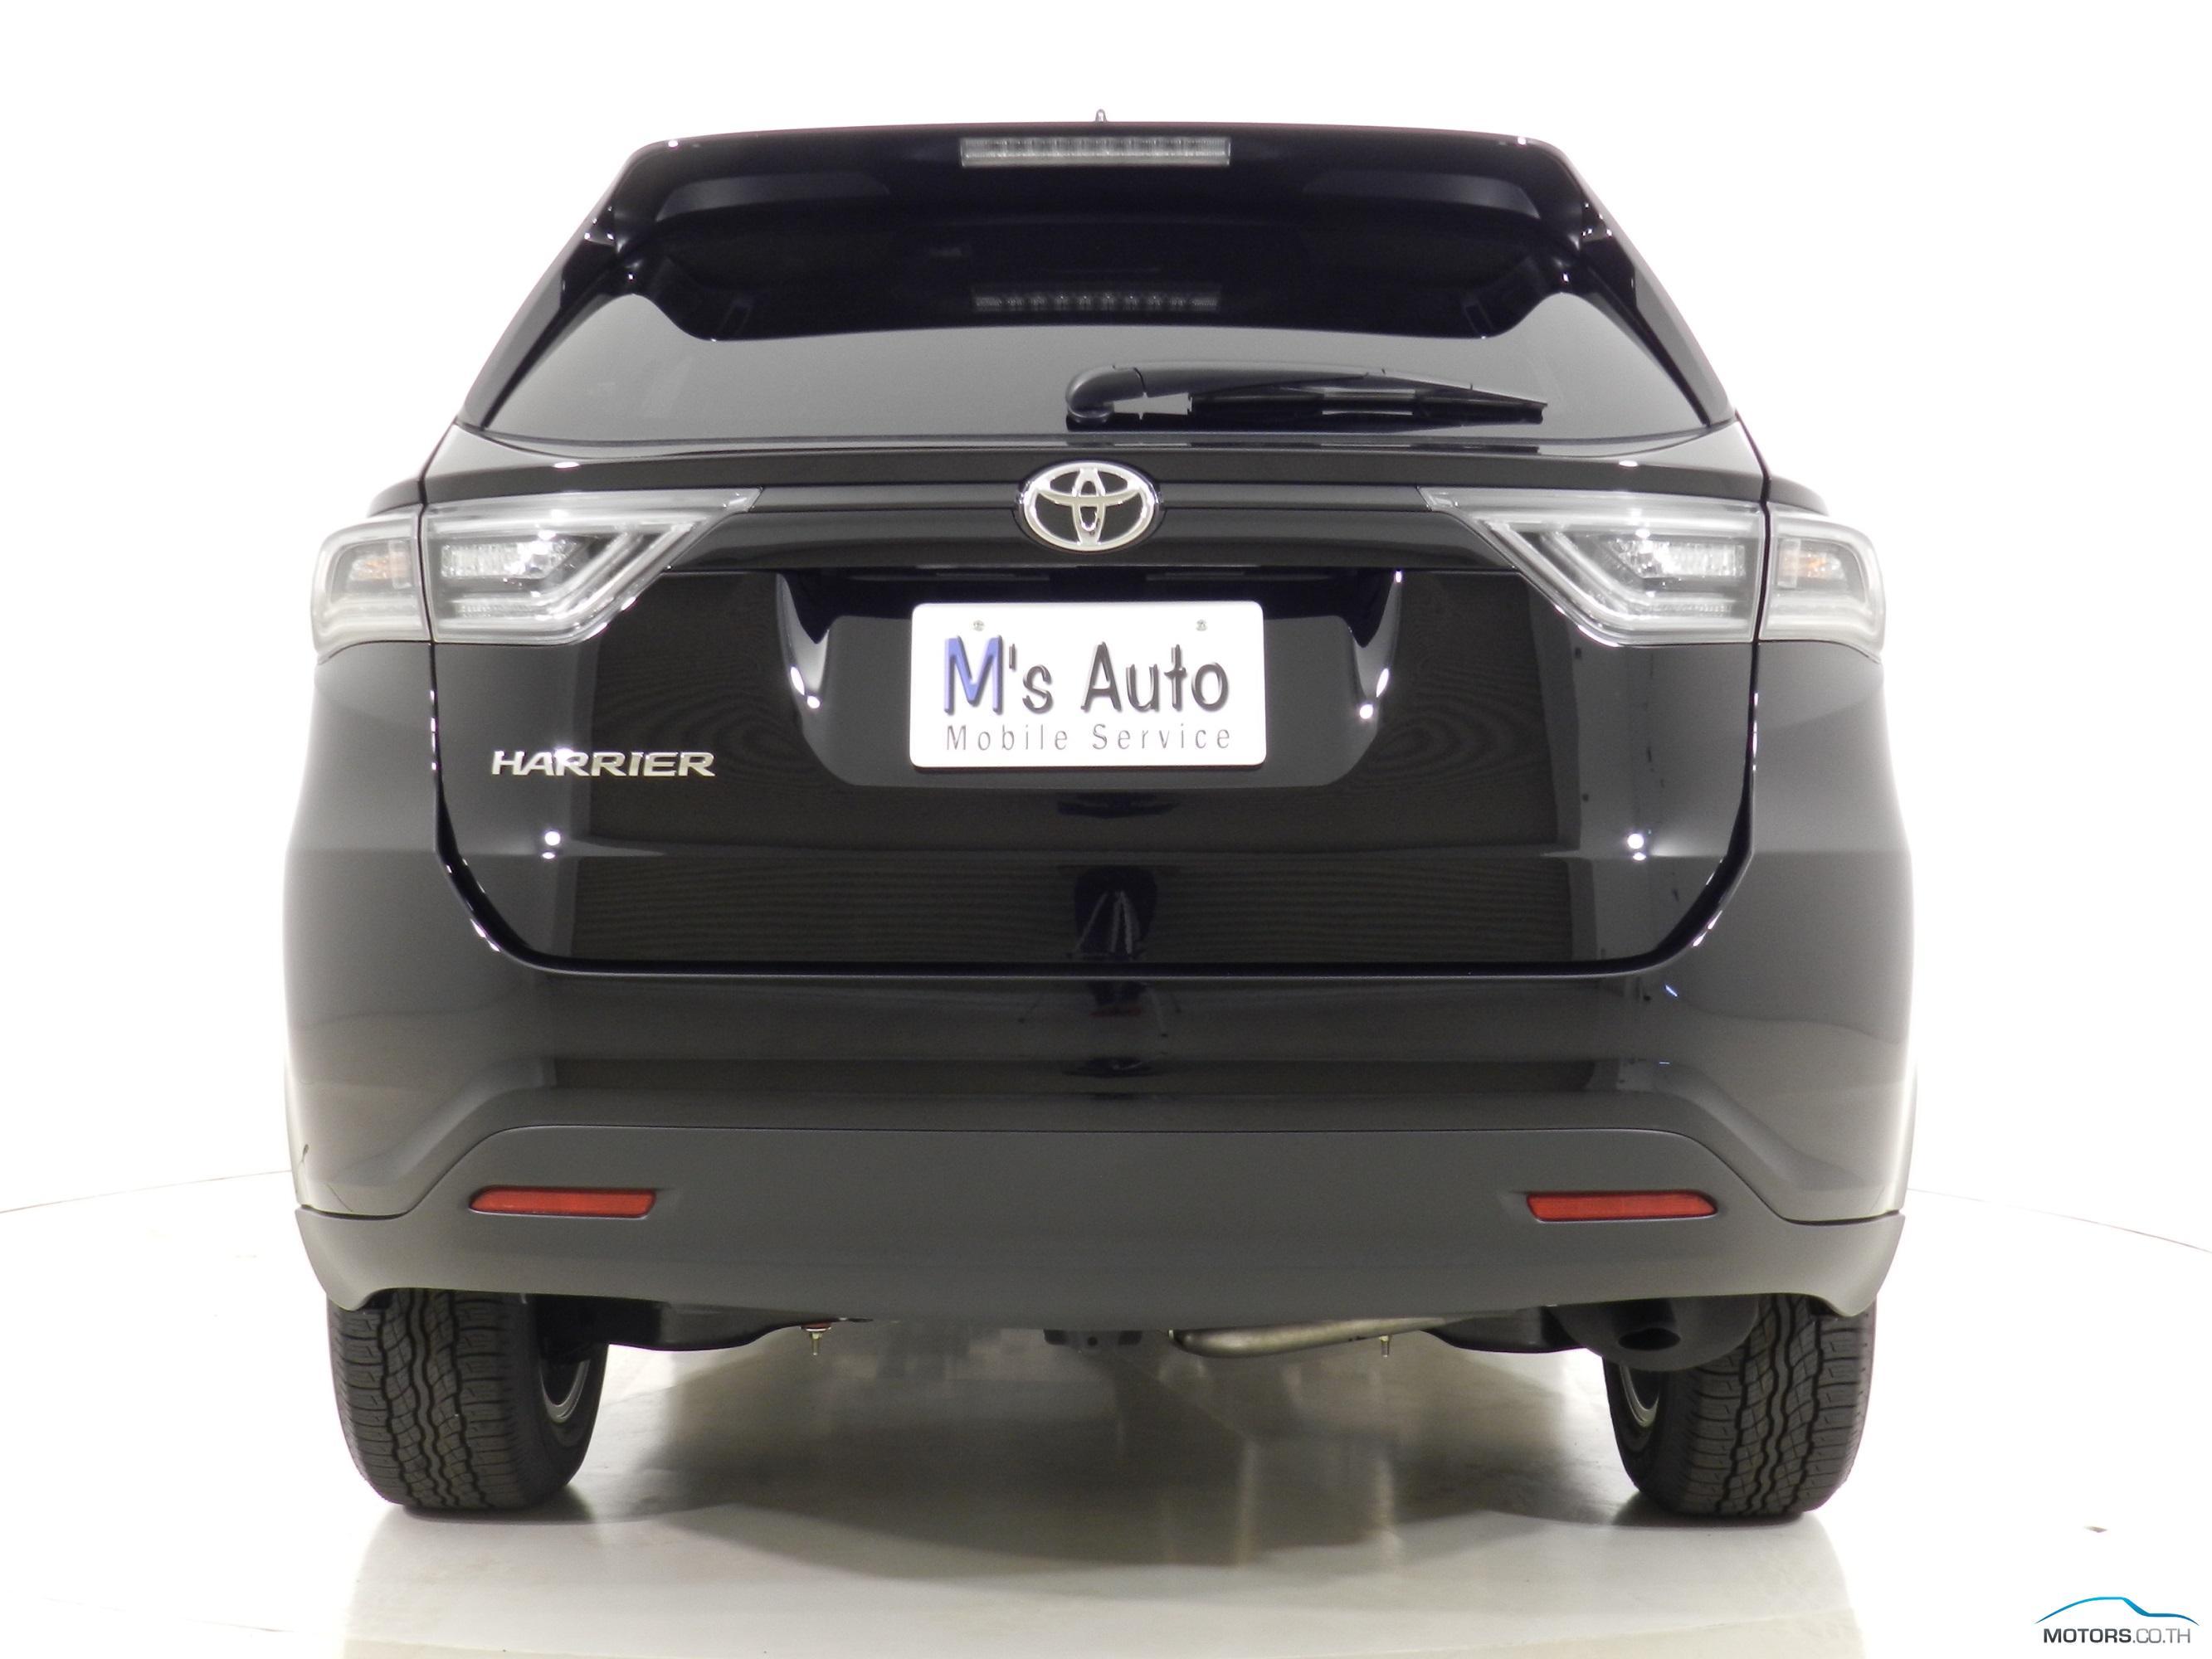 รถใหม่, รถมือสอง TOYOTA HARRIER (2015)